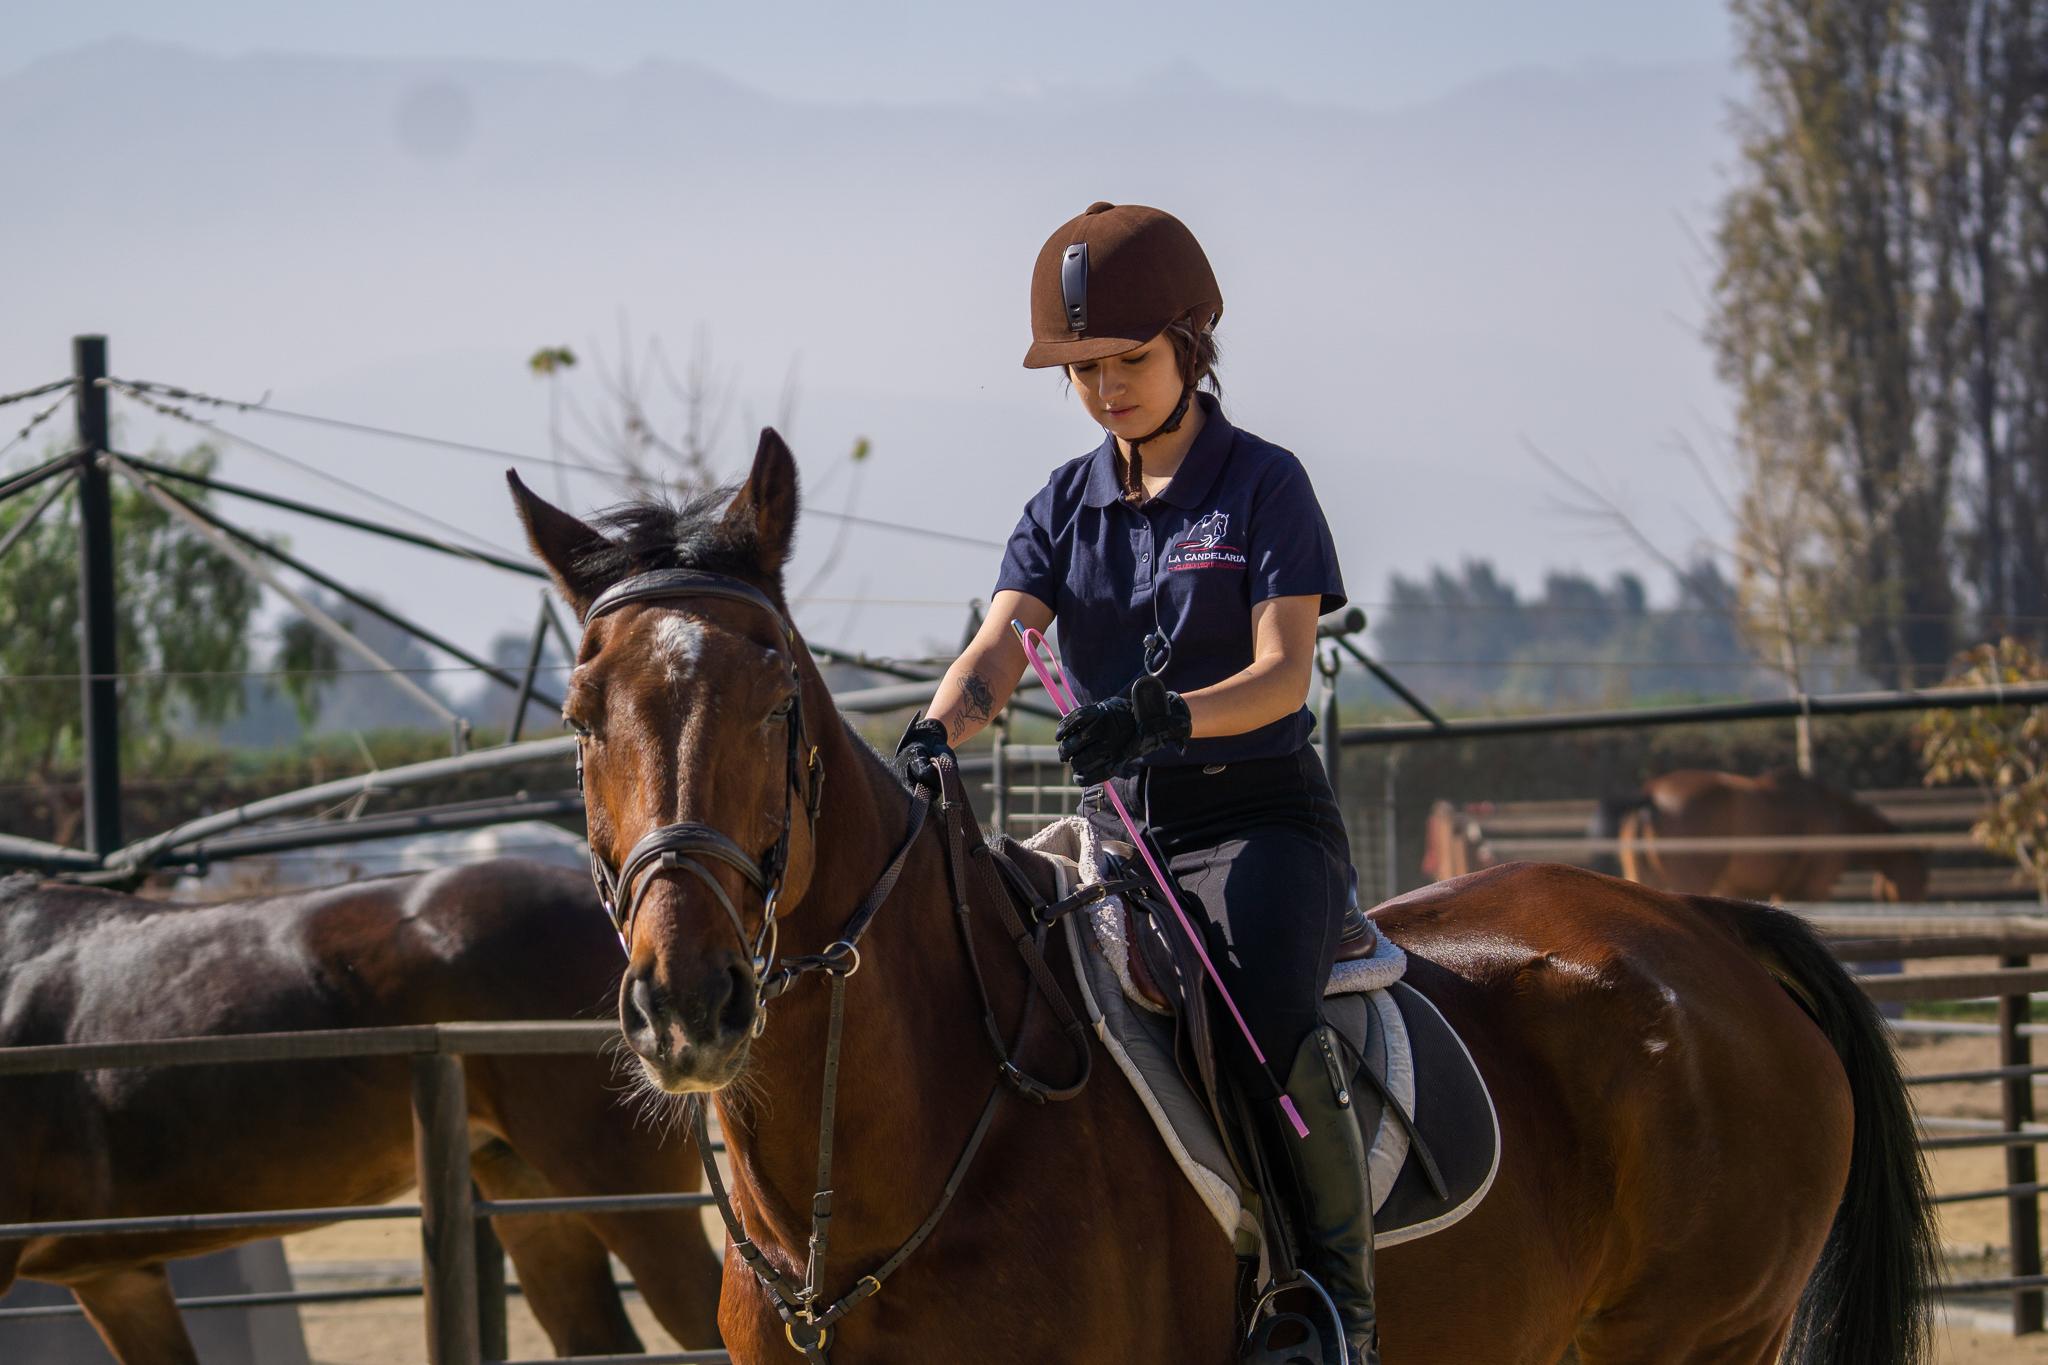 Por comenzar clase equitacion